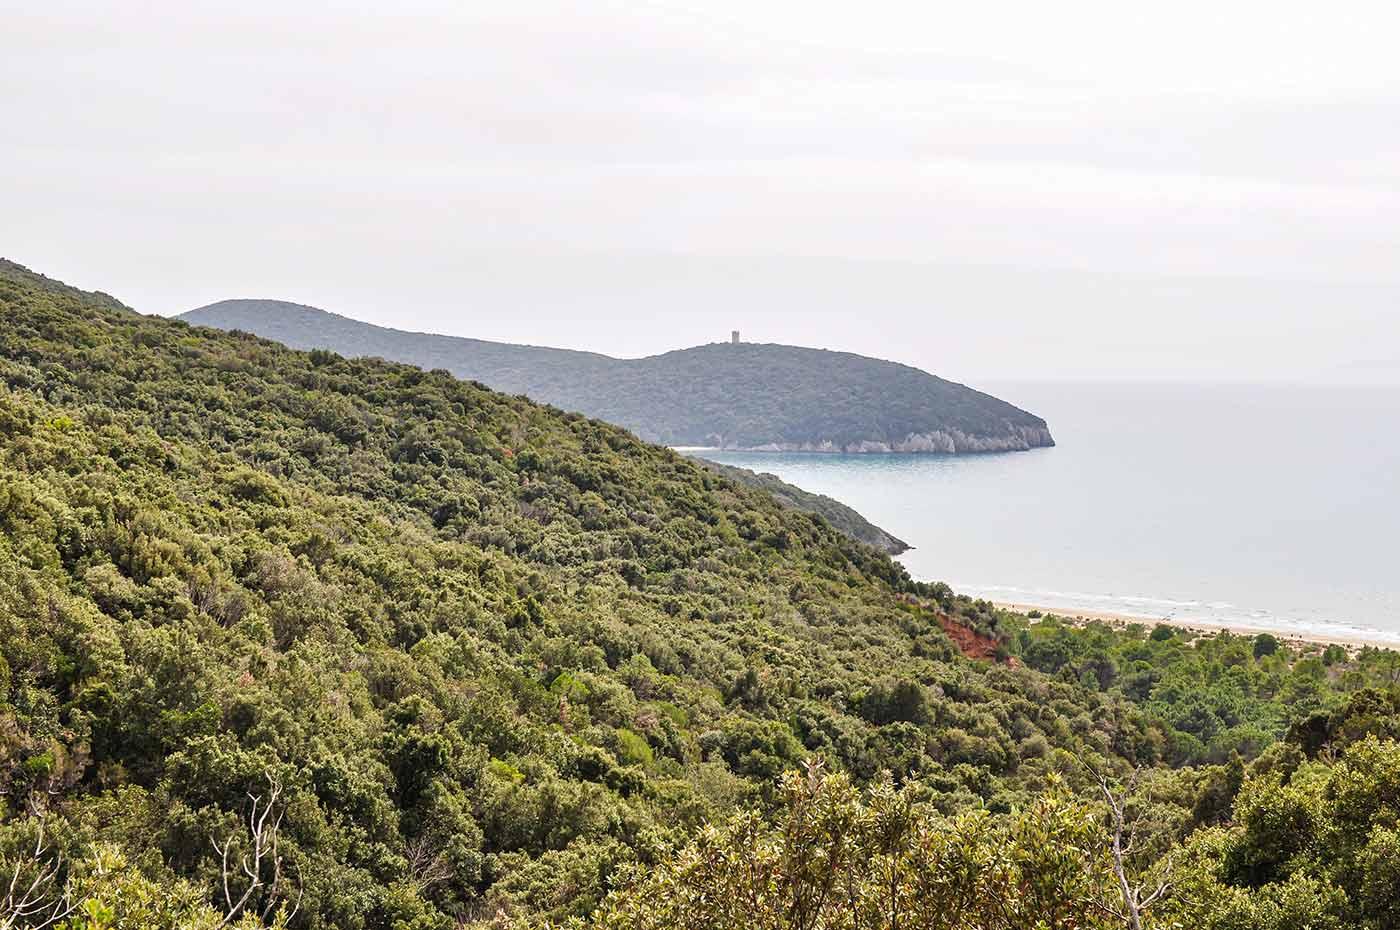 Wilde und ursprüngliche Landschaft in Italien - die Maremma in der Region Toskana